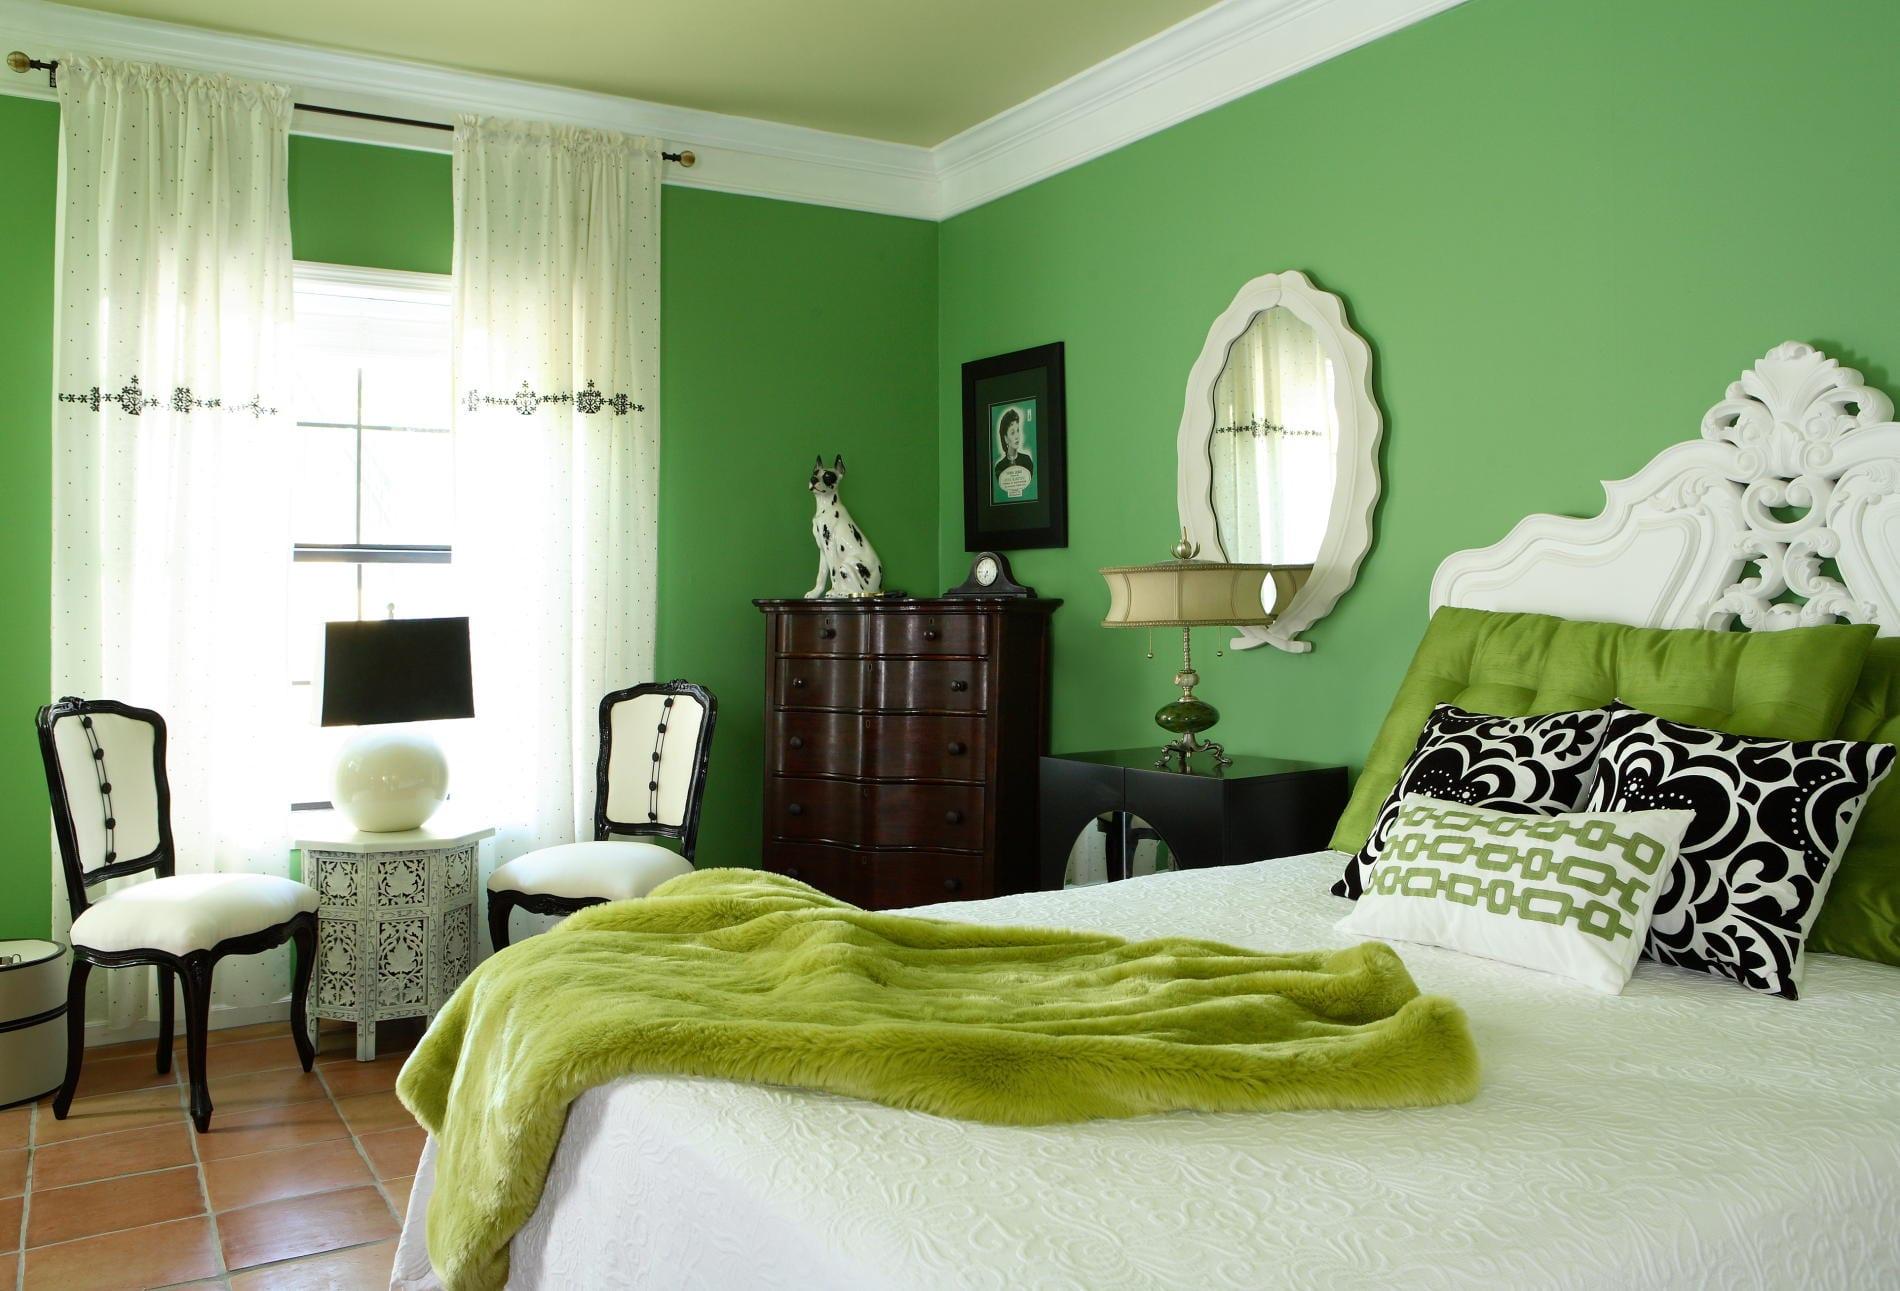 amazing wandfarbe schlafzimmer grun #8: schlafzimmer inspiration mit wandfarbe grün im barock